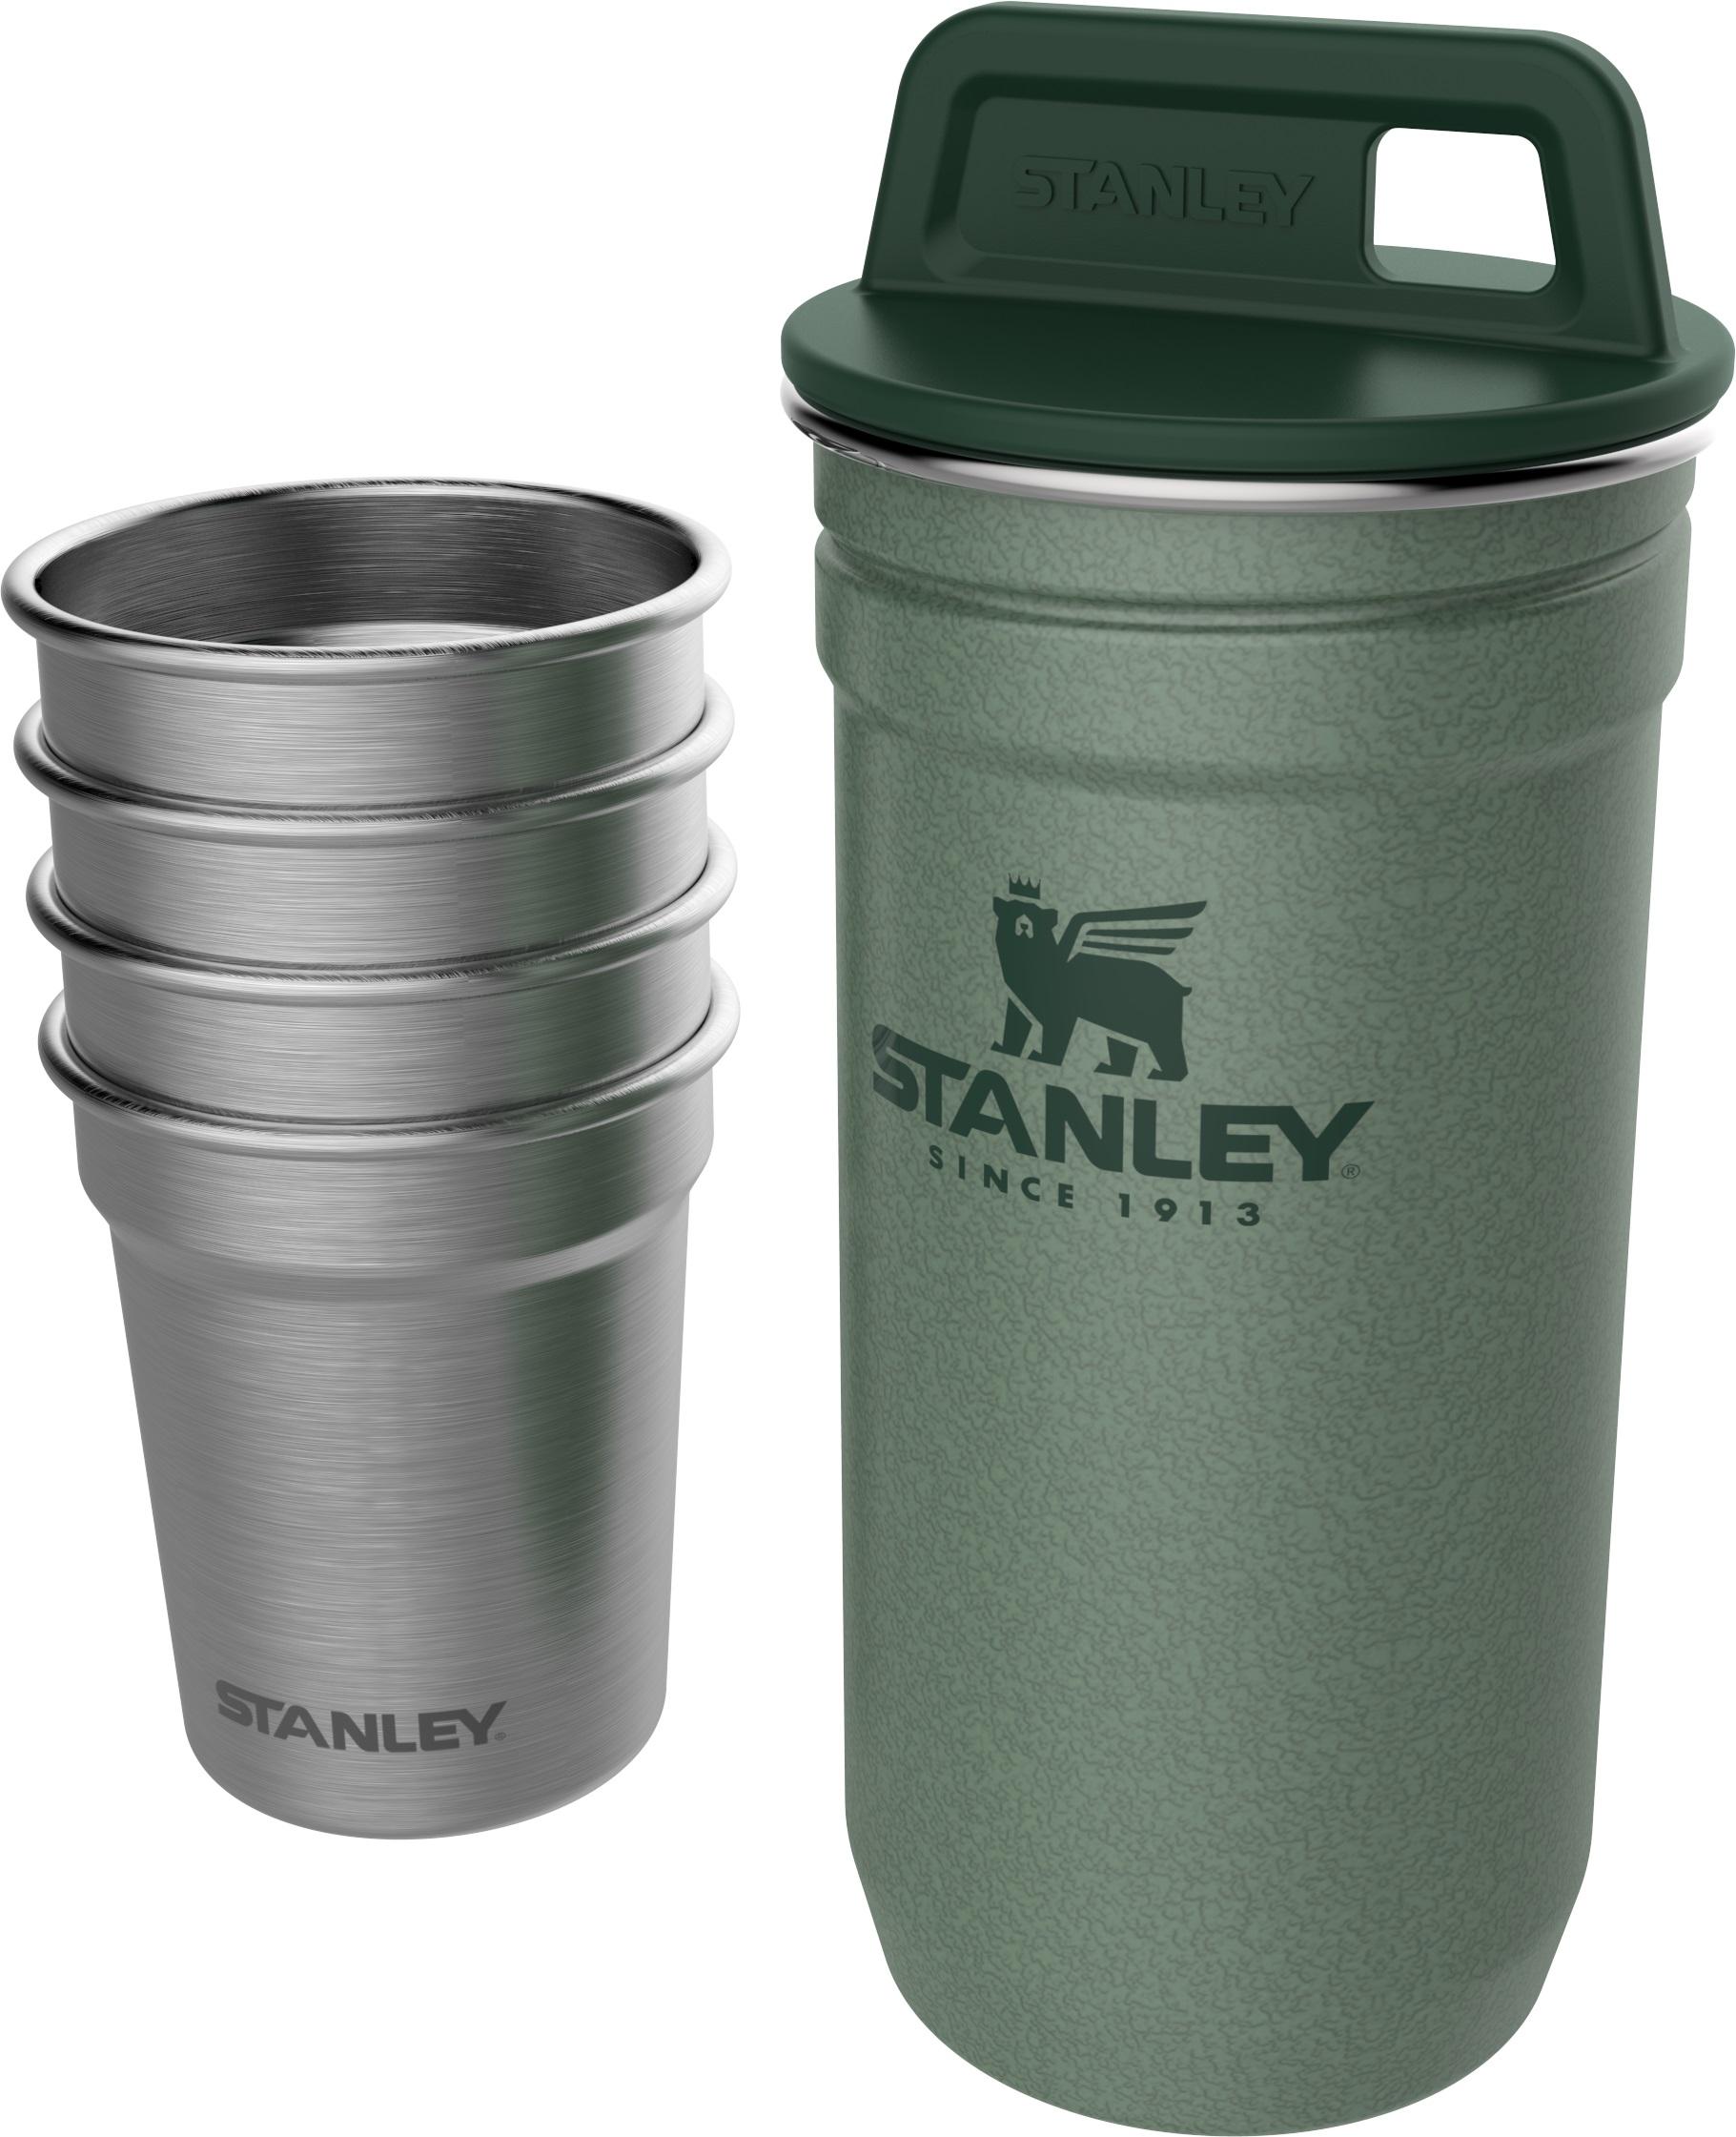 Stanley degvīna glāzīšu komplekts Adventure, 4 glāzītes 59mL ar glabāšanas ietvaru zaļš 2801705039